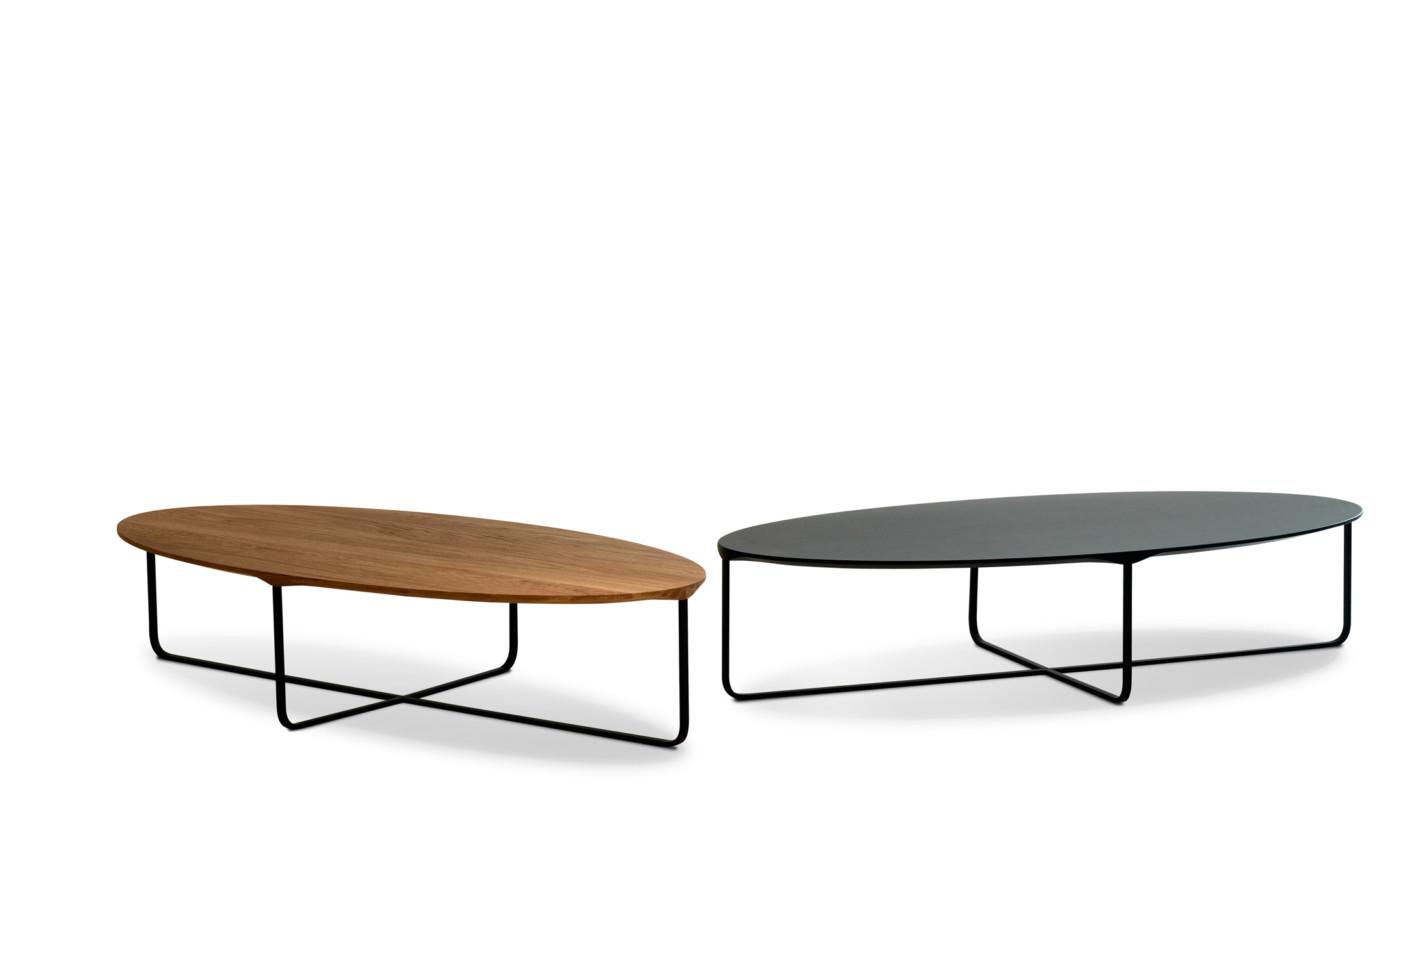 couchtisch oval bestseller shop f r m bel und einrichtungen. Black Bedroom Furniture Sets. Home Design Ideas